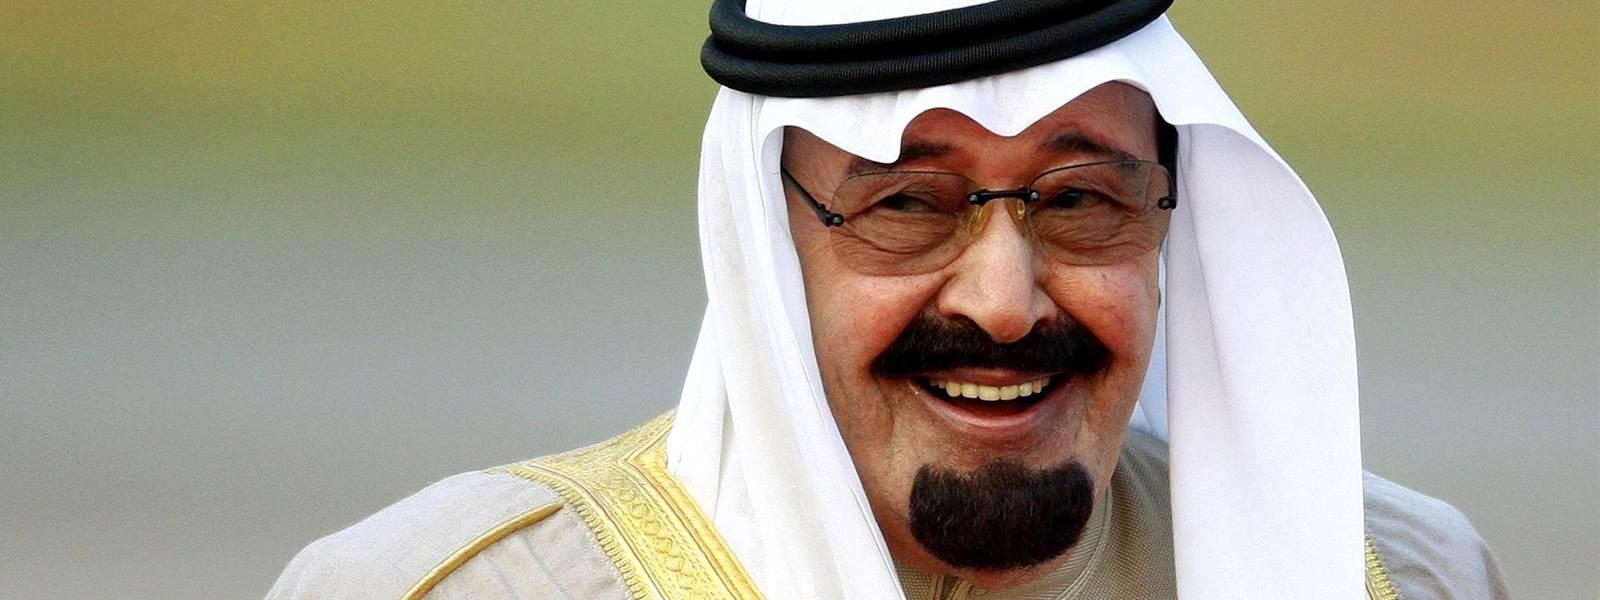 چالشهای پیشروی عربستان